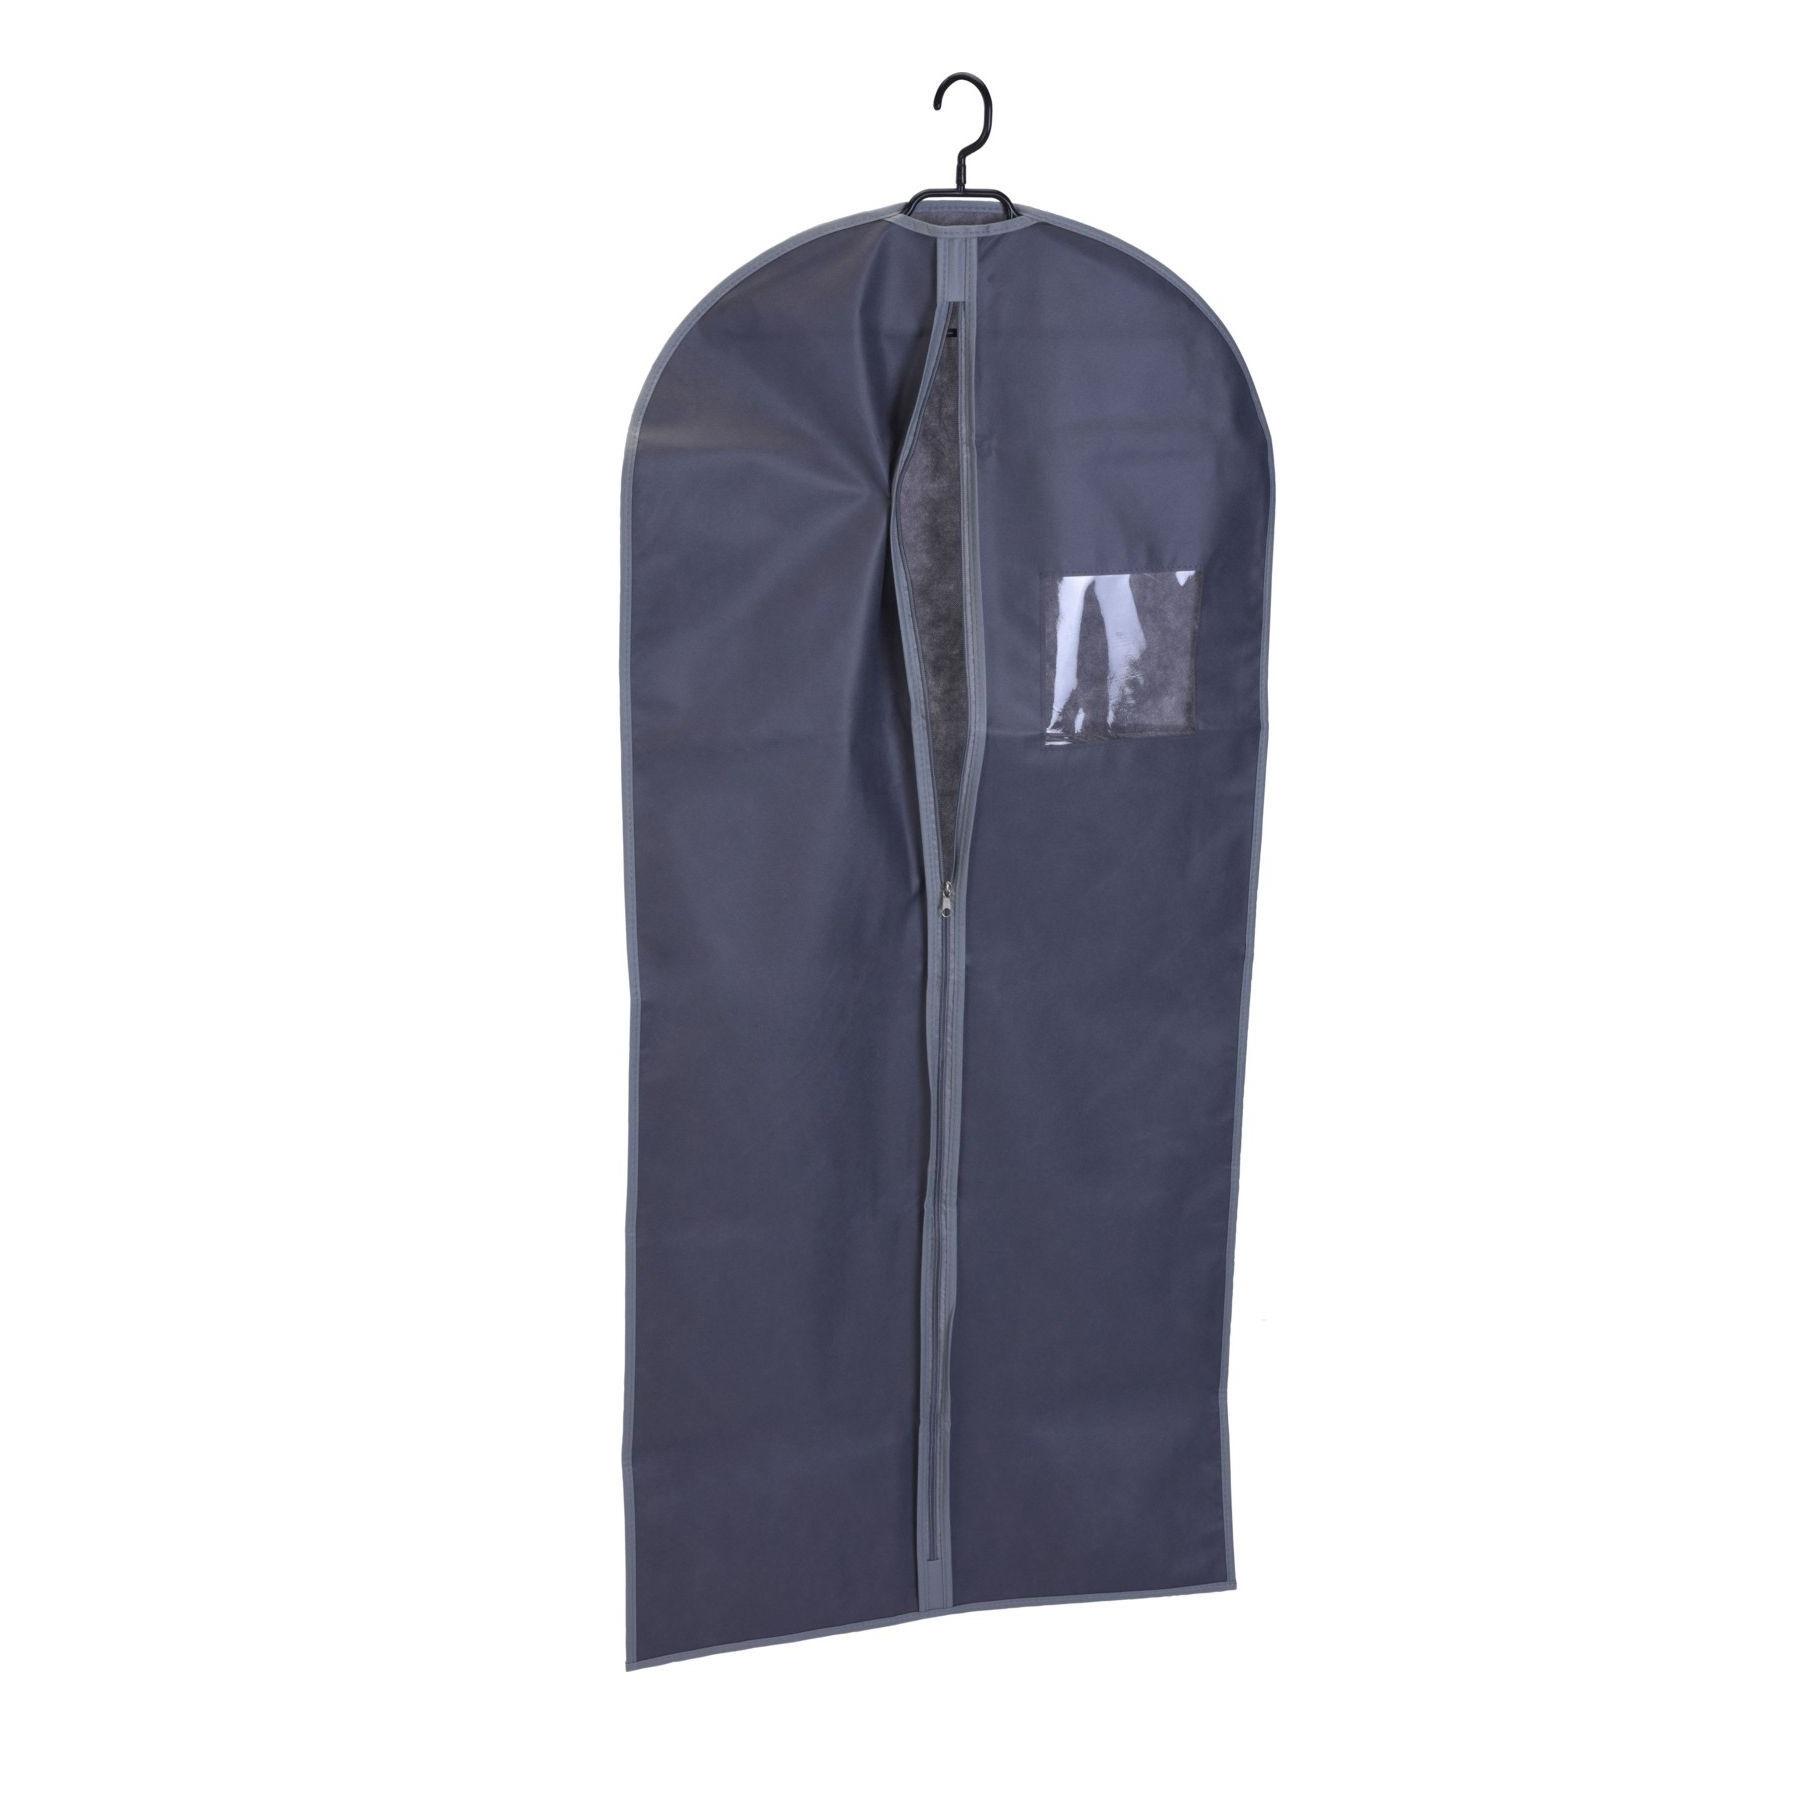 Чехол-кофр для одежды Koopman 61х135 см